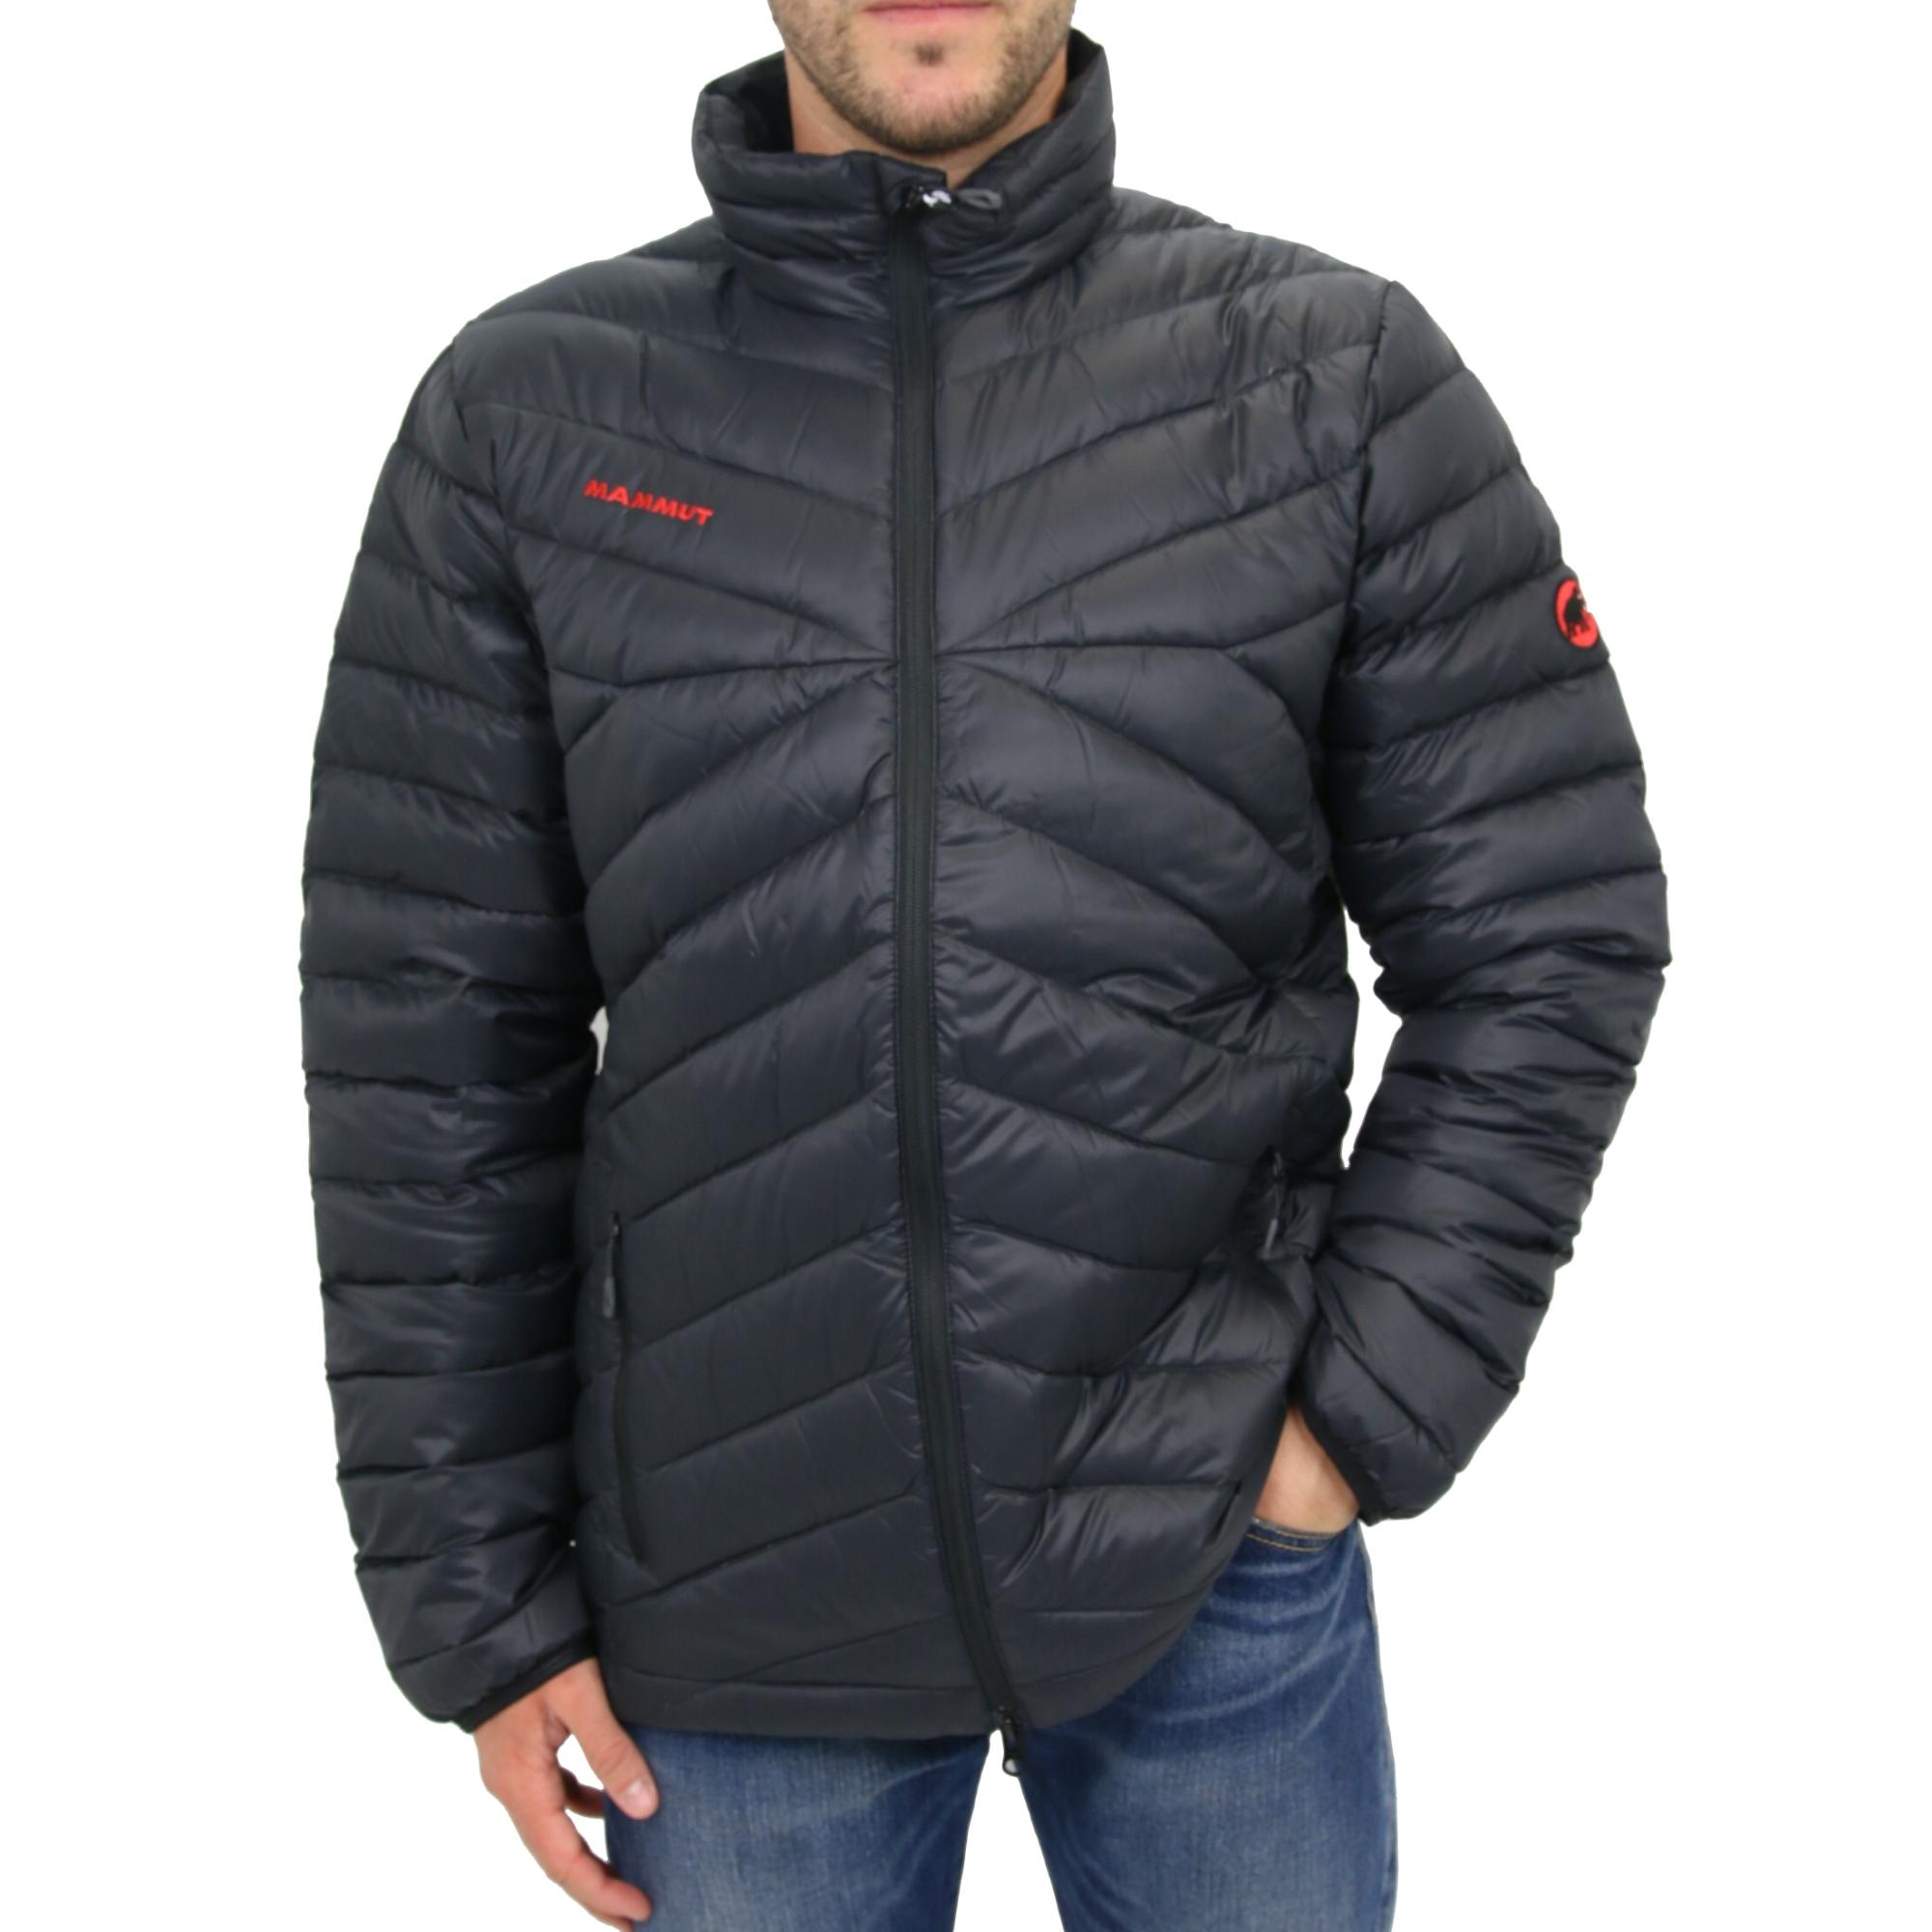 mammut trovat in jacket jacke winterjacke daunenjacke 650 cuin outdoor herren ebay. Black Bedroom Furniture Sets. Home Design Ideas